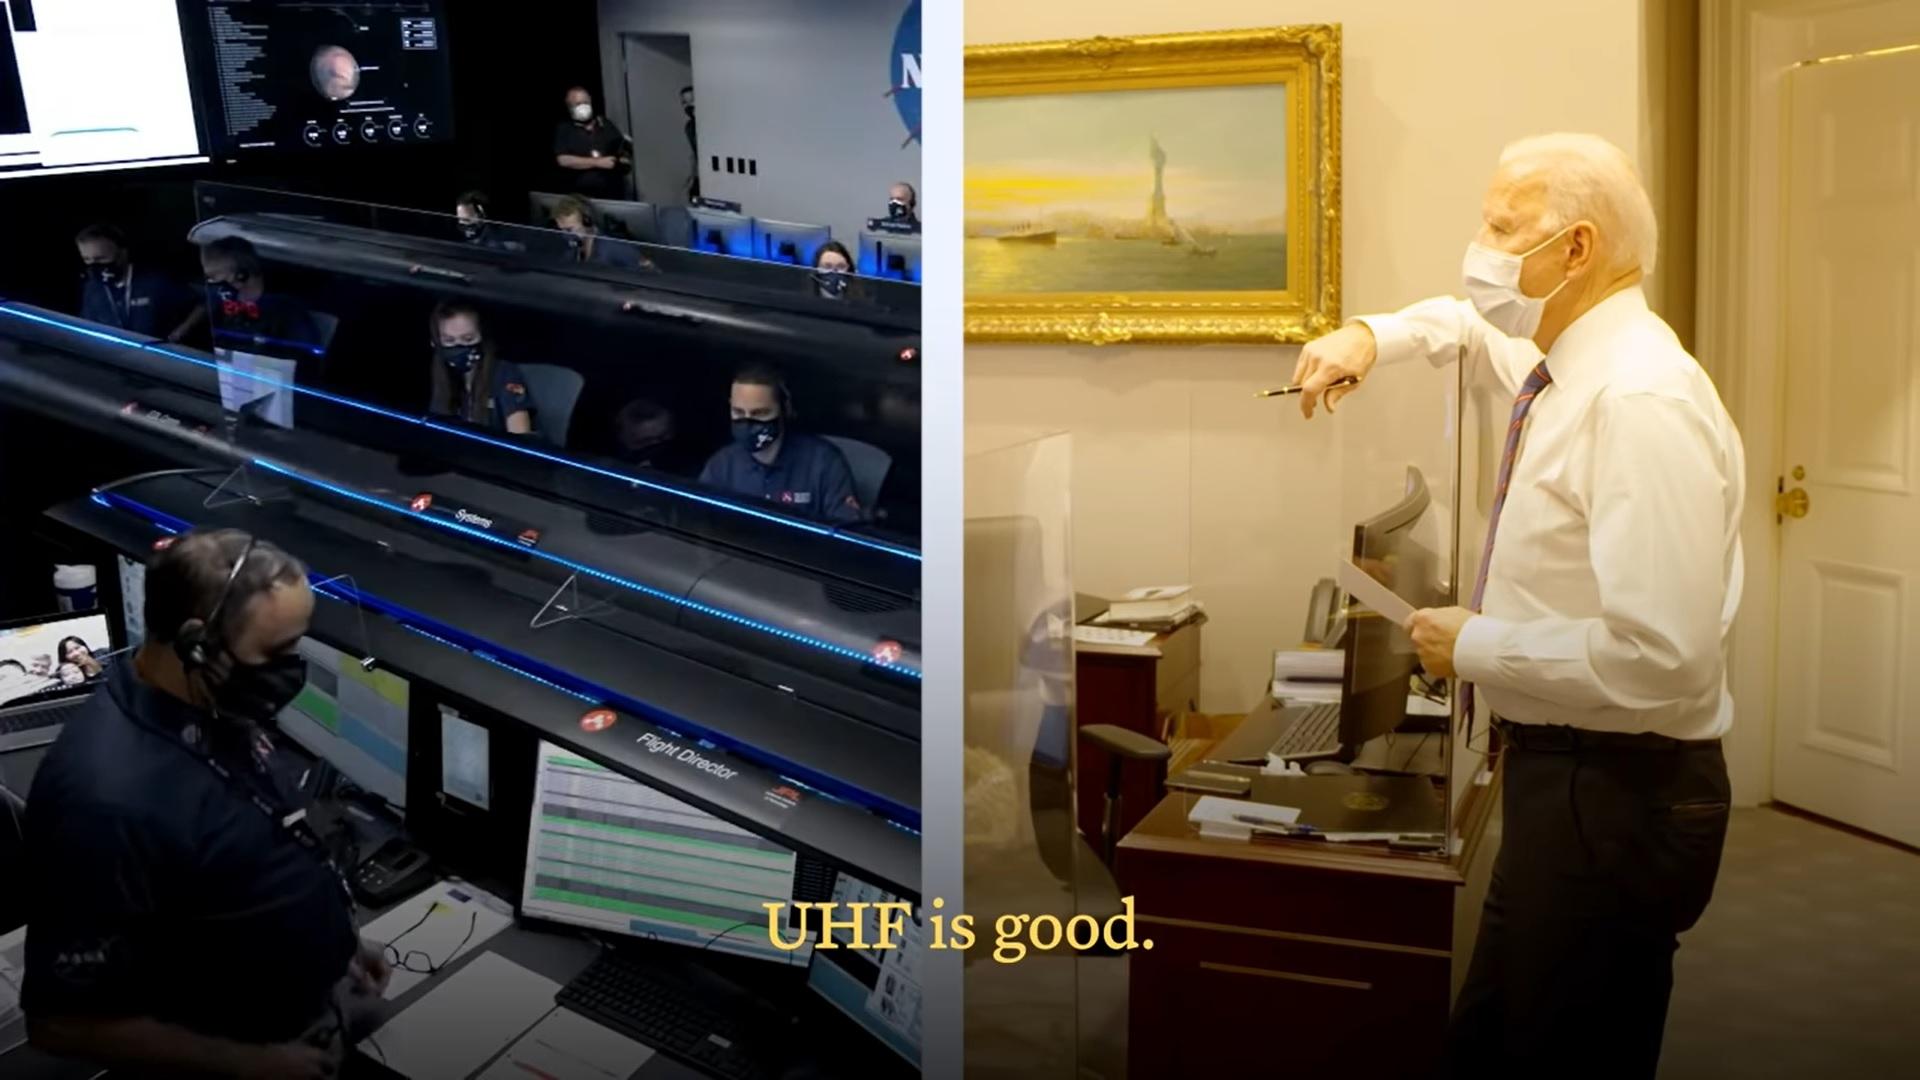 Cette image tirée d'une vidéo de la Maison Blanche montre le président américain Joe Biden en train de regarder la diffusion par la NASA de l'atterrissage réussi de Mars par le rover Perseverance le 18 février 2021.